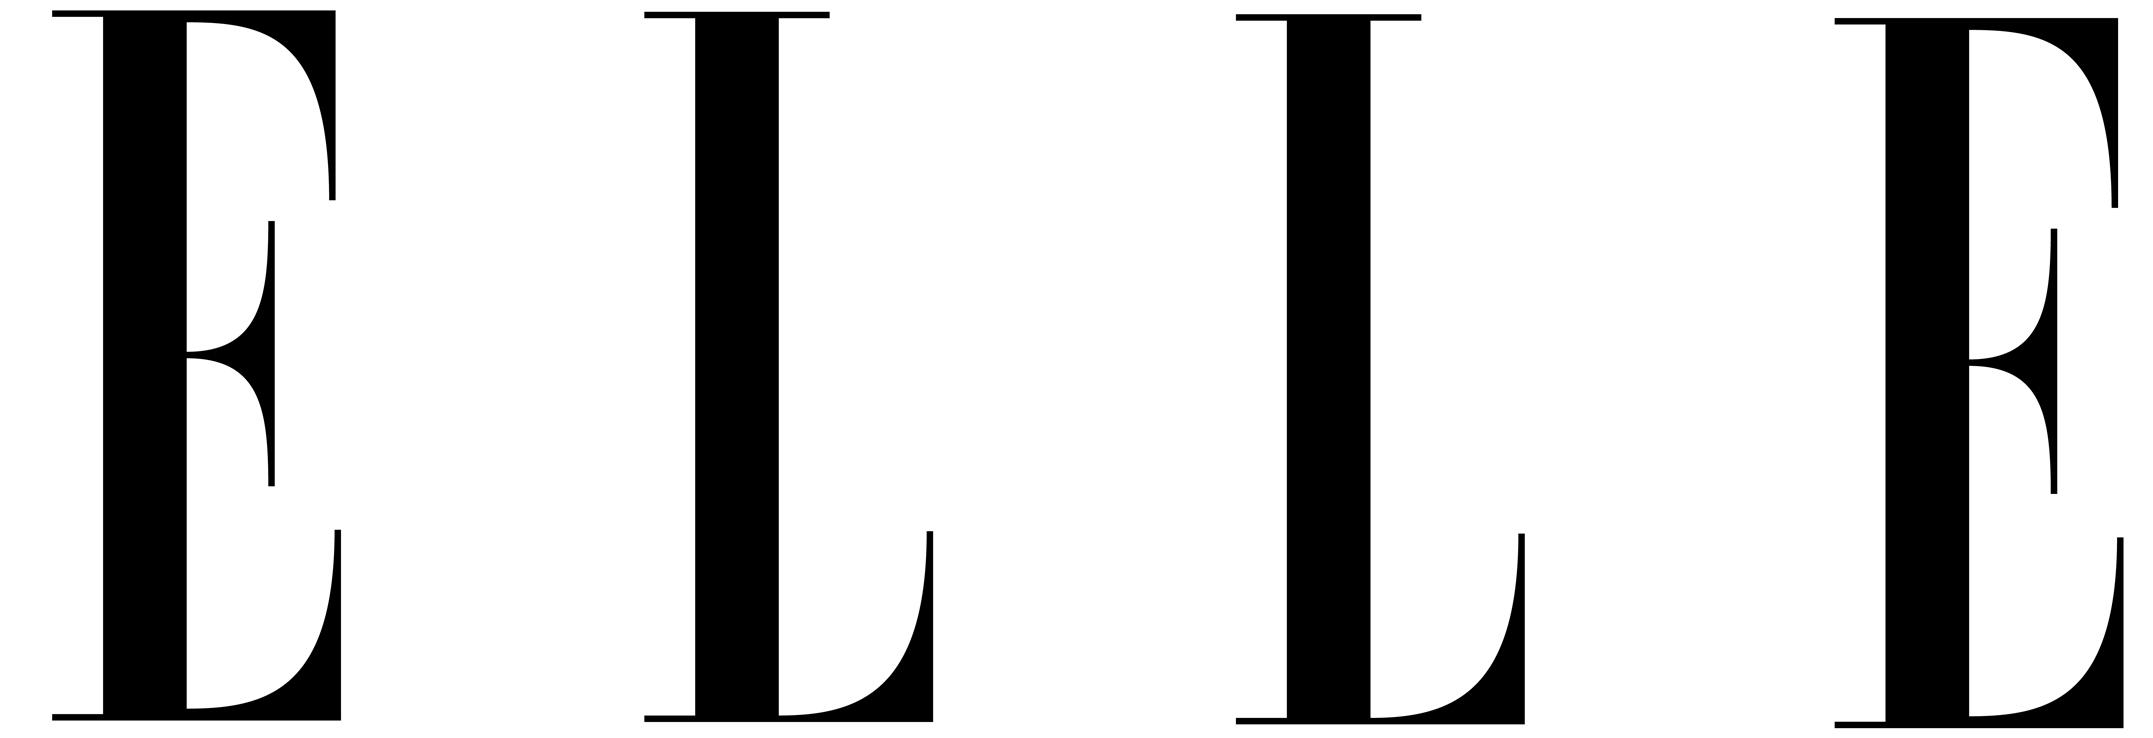 ELLE-LOGO-black.jpg